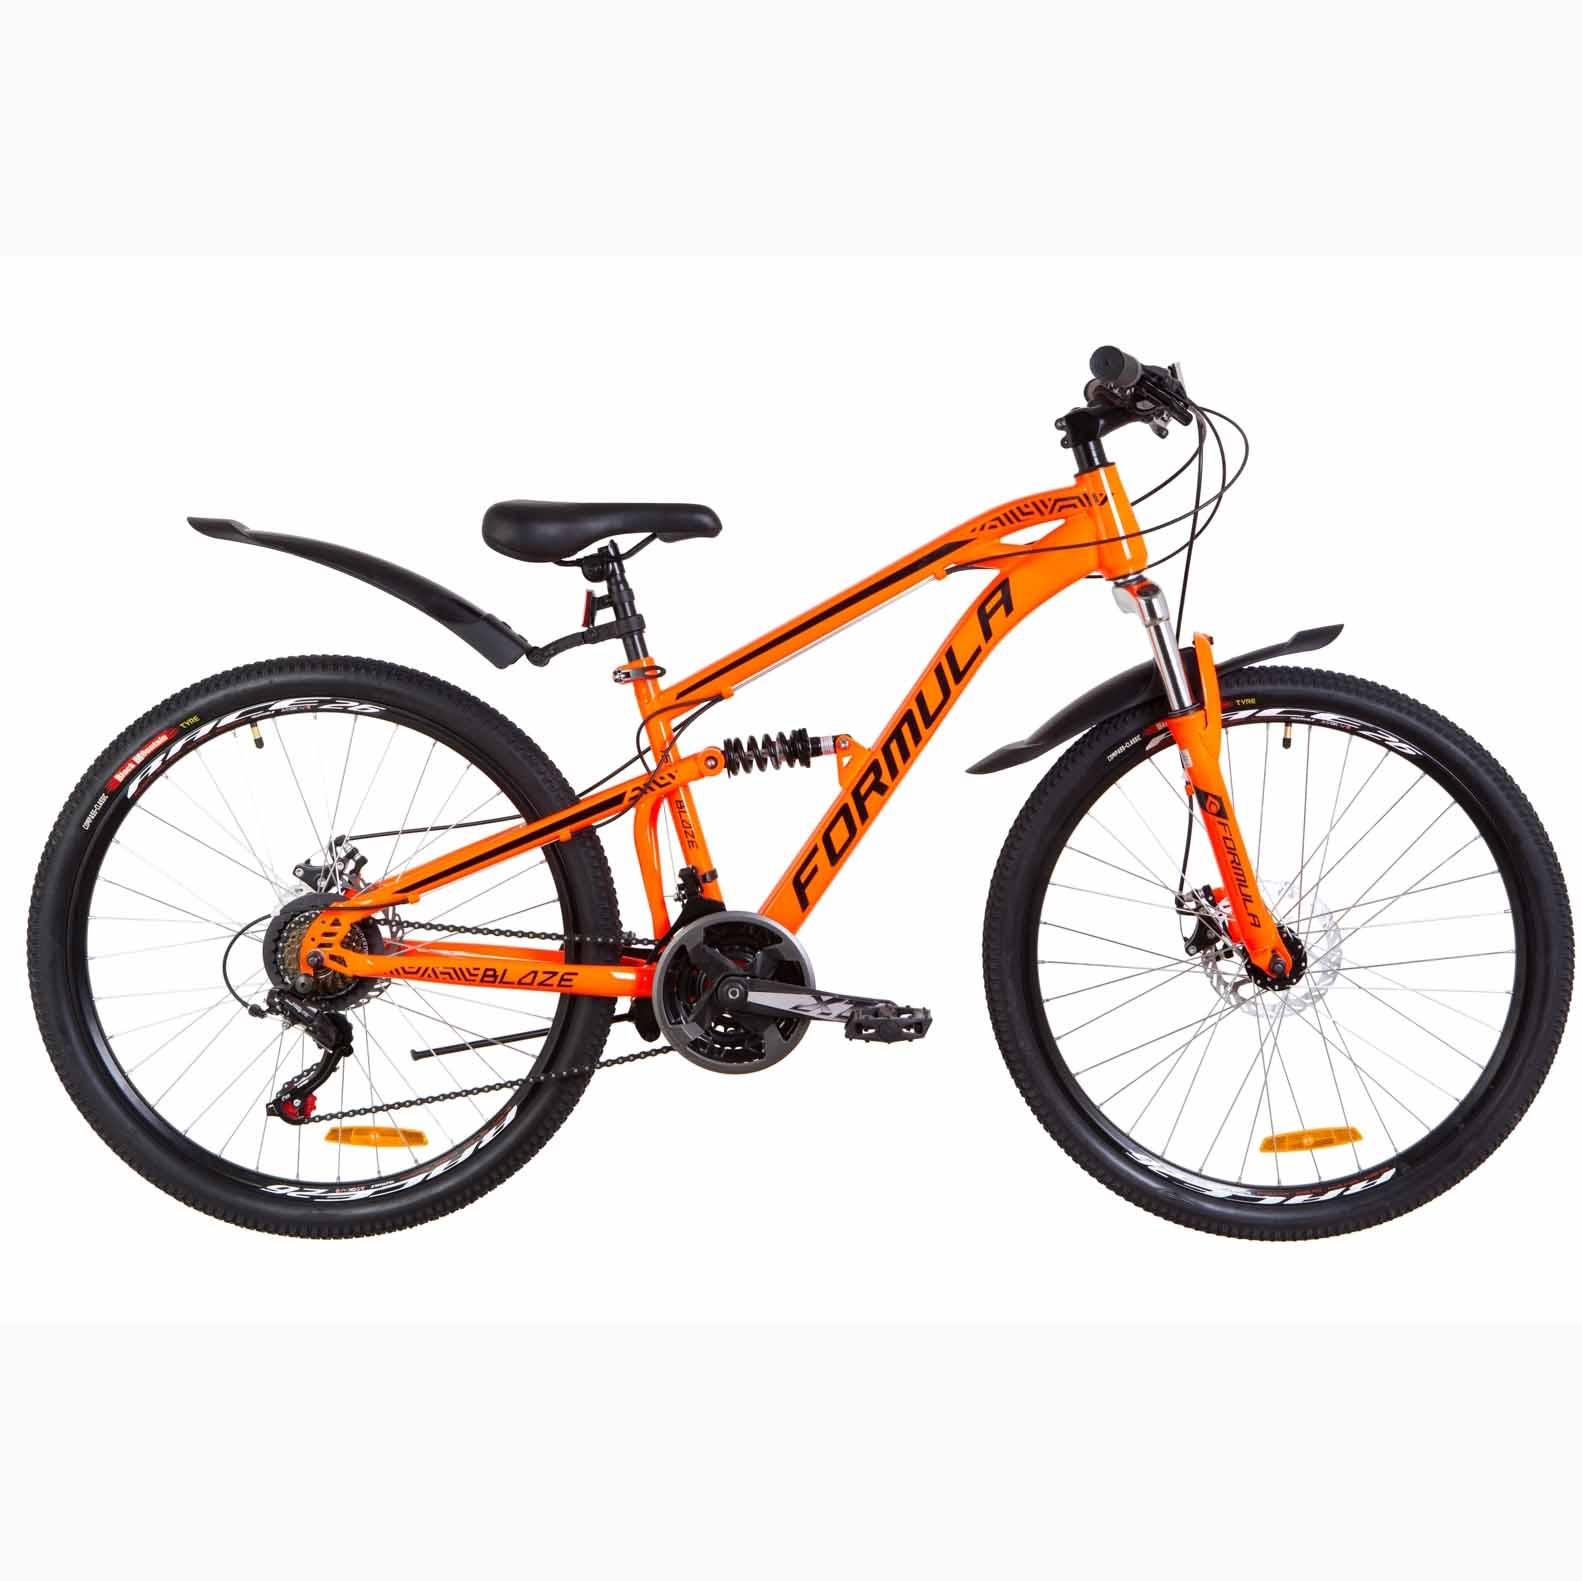 Фото Велосипед 26 Formula BLAZE DD  оранжевый   с крылом Pl 2019